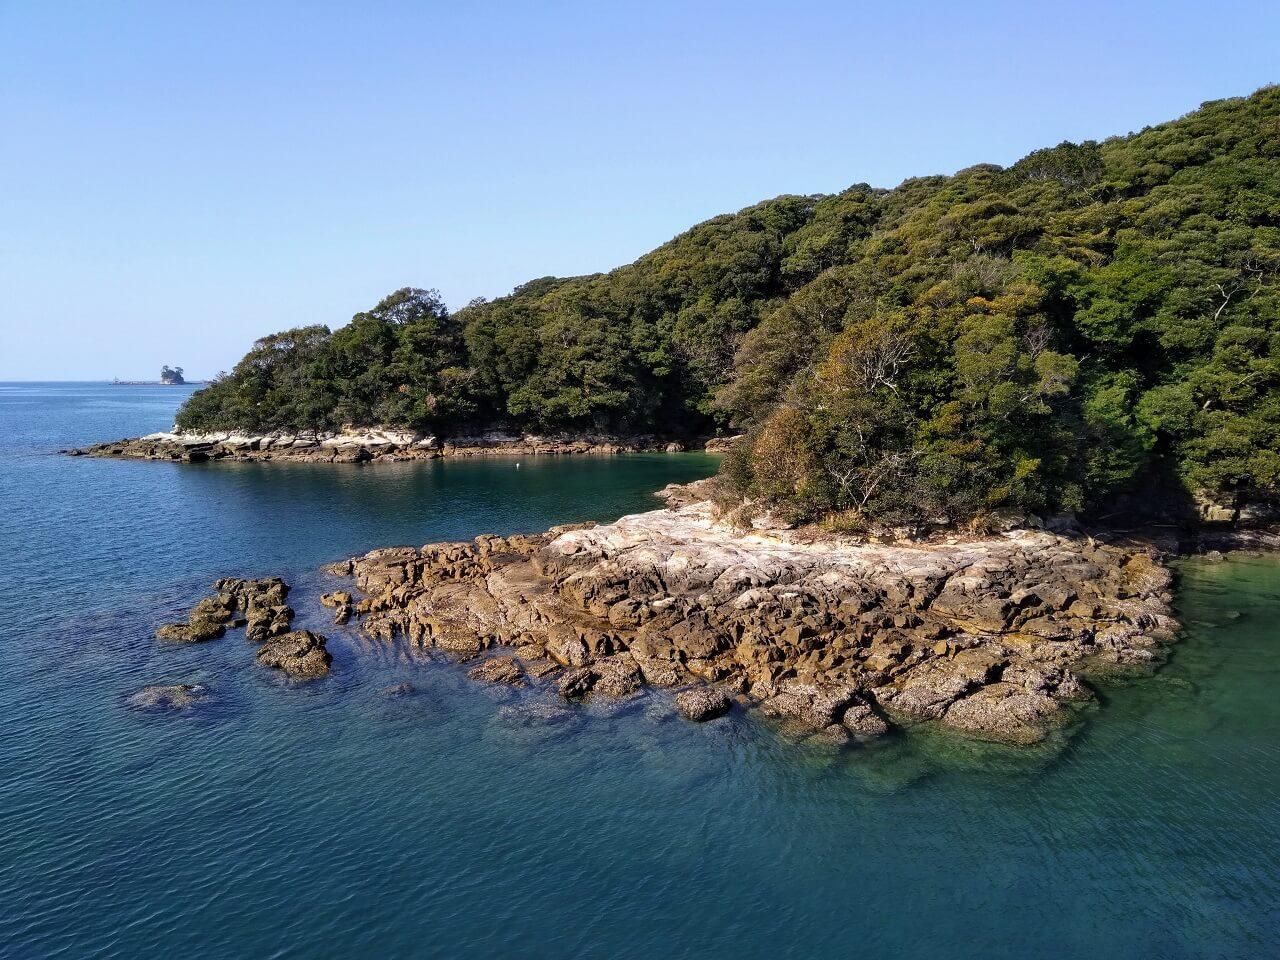 Arcipelago Kujukushima